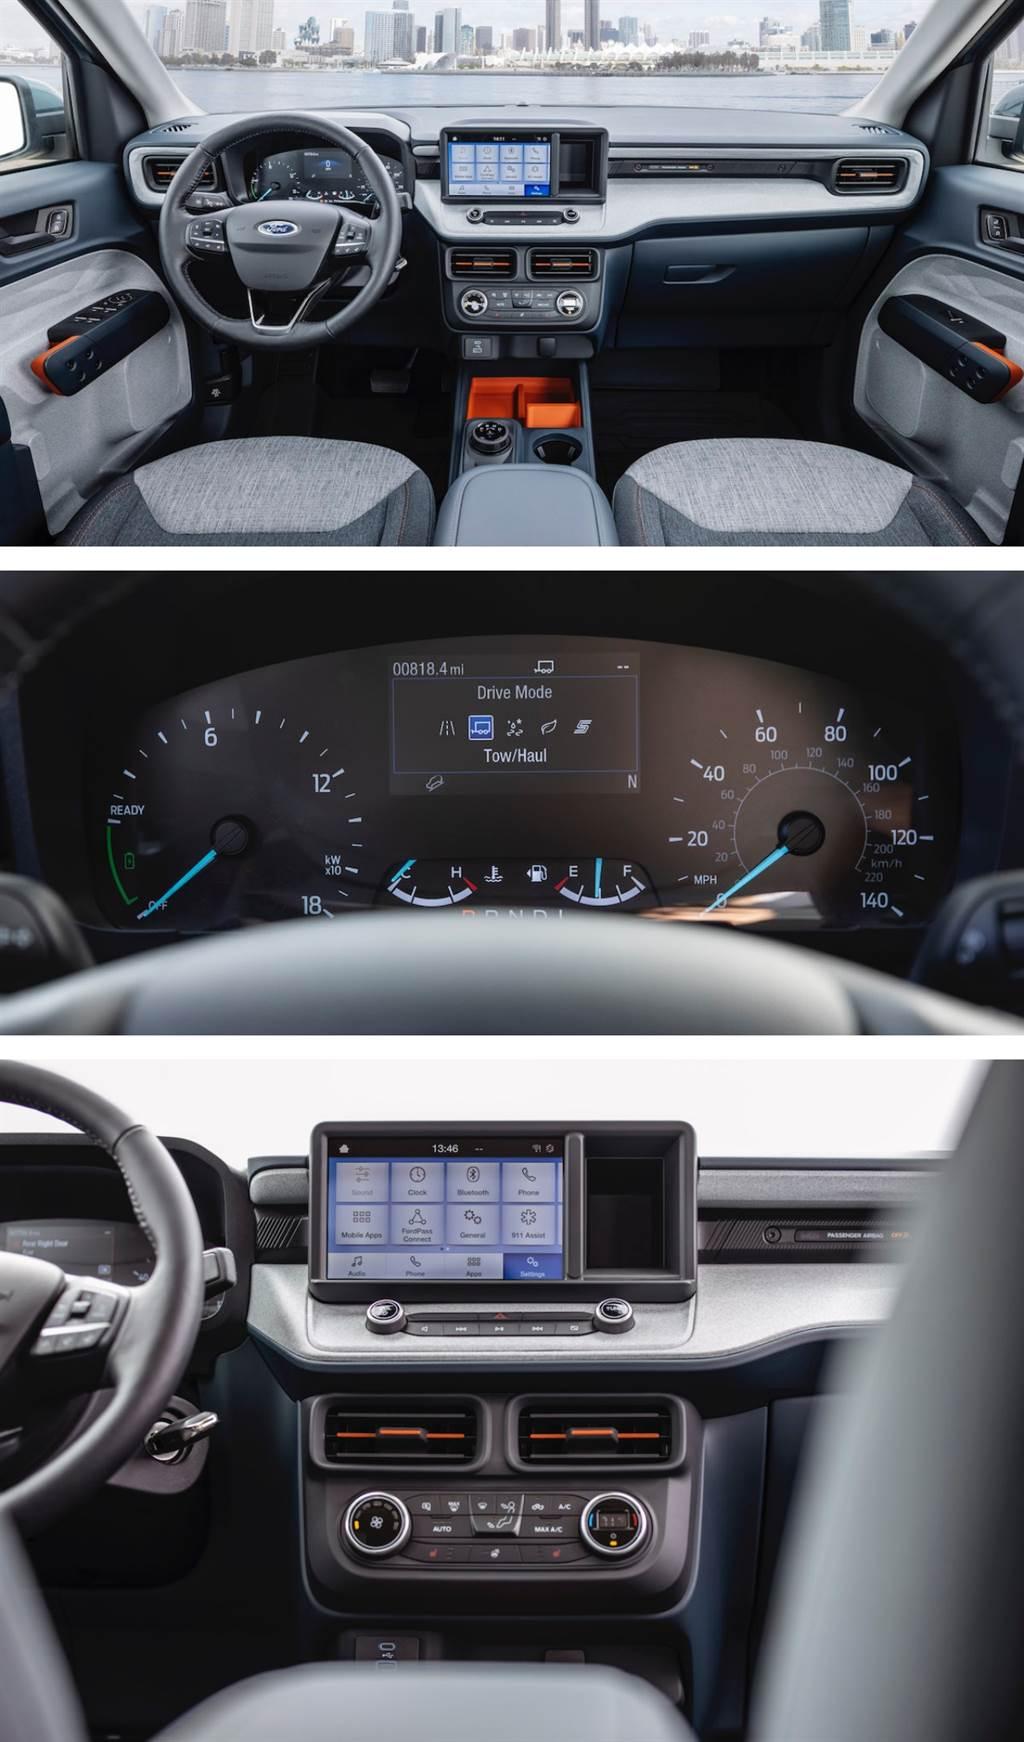 首度搭載 HYBRID 系統、油耗 17km/l,Ford Maverick 中小型 Pickup 正式亮相